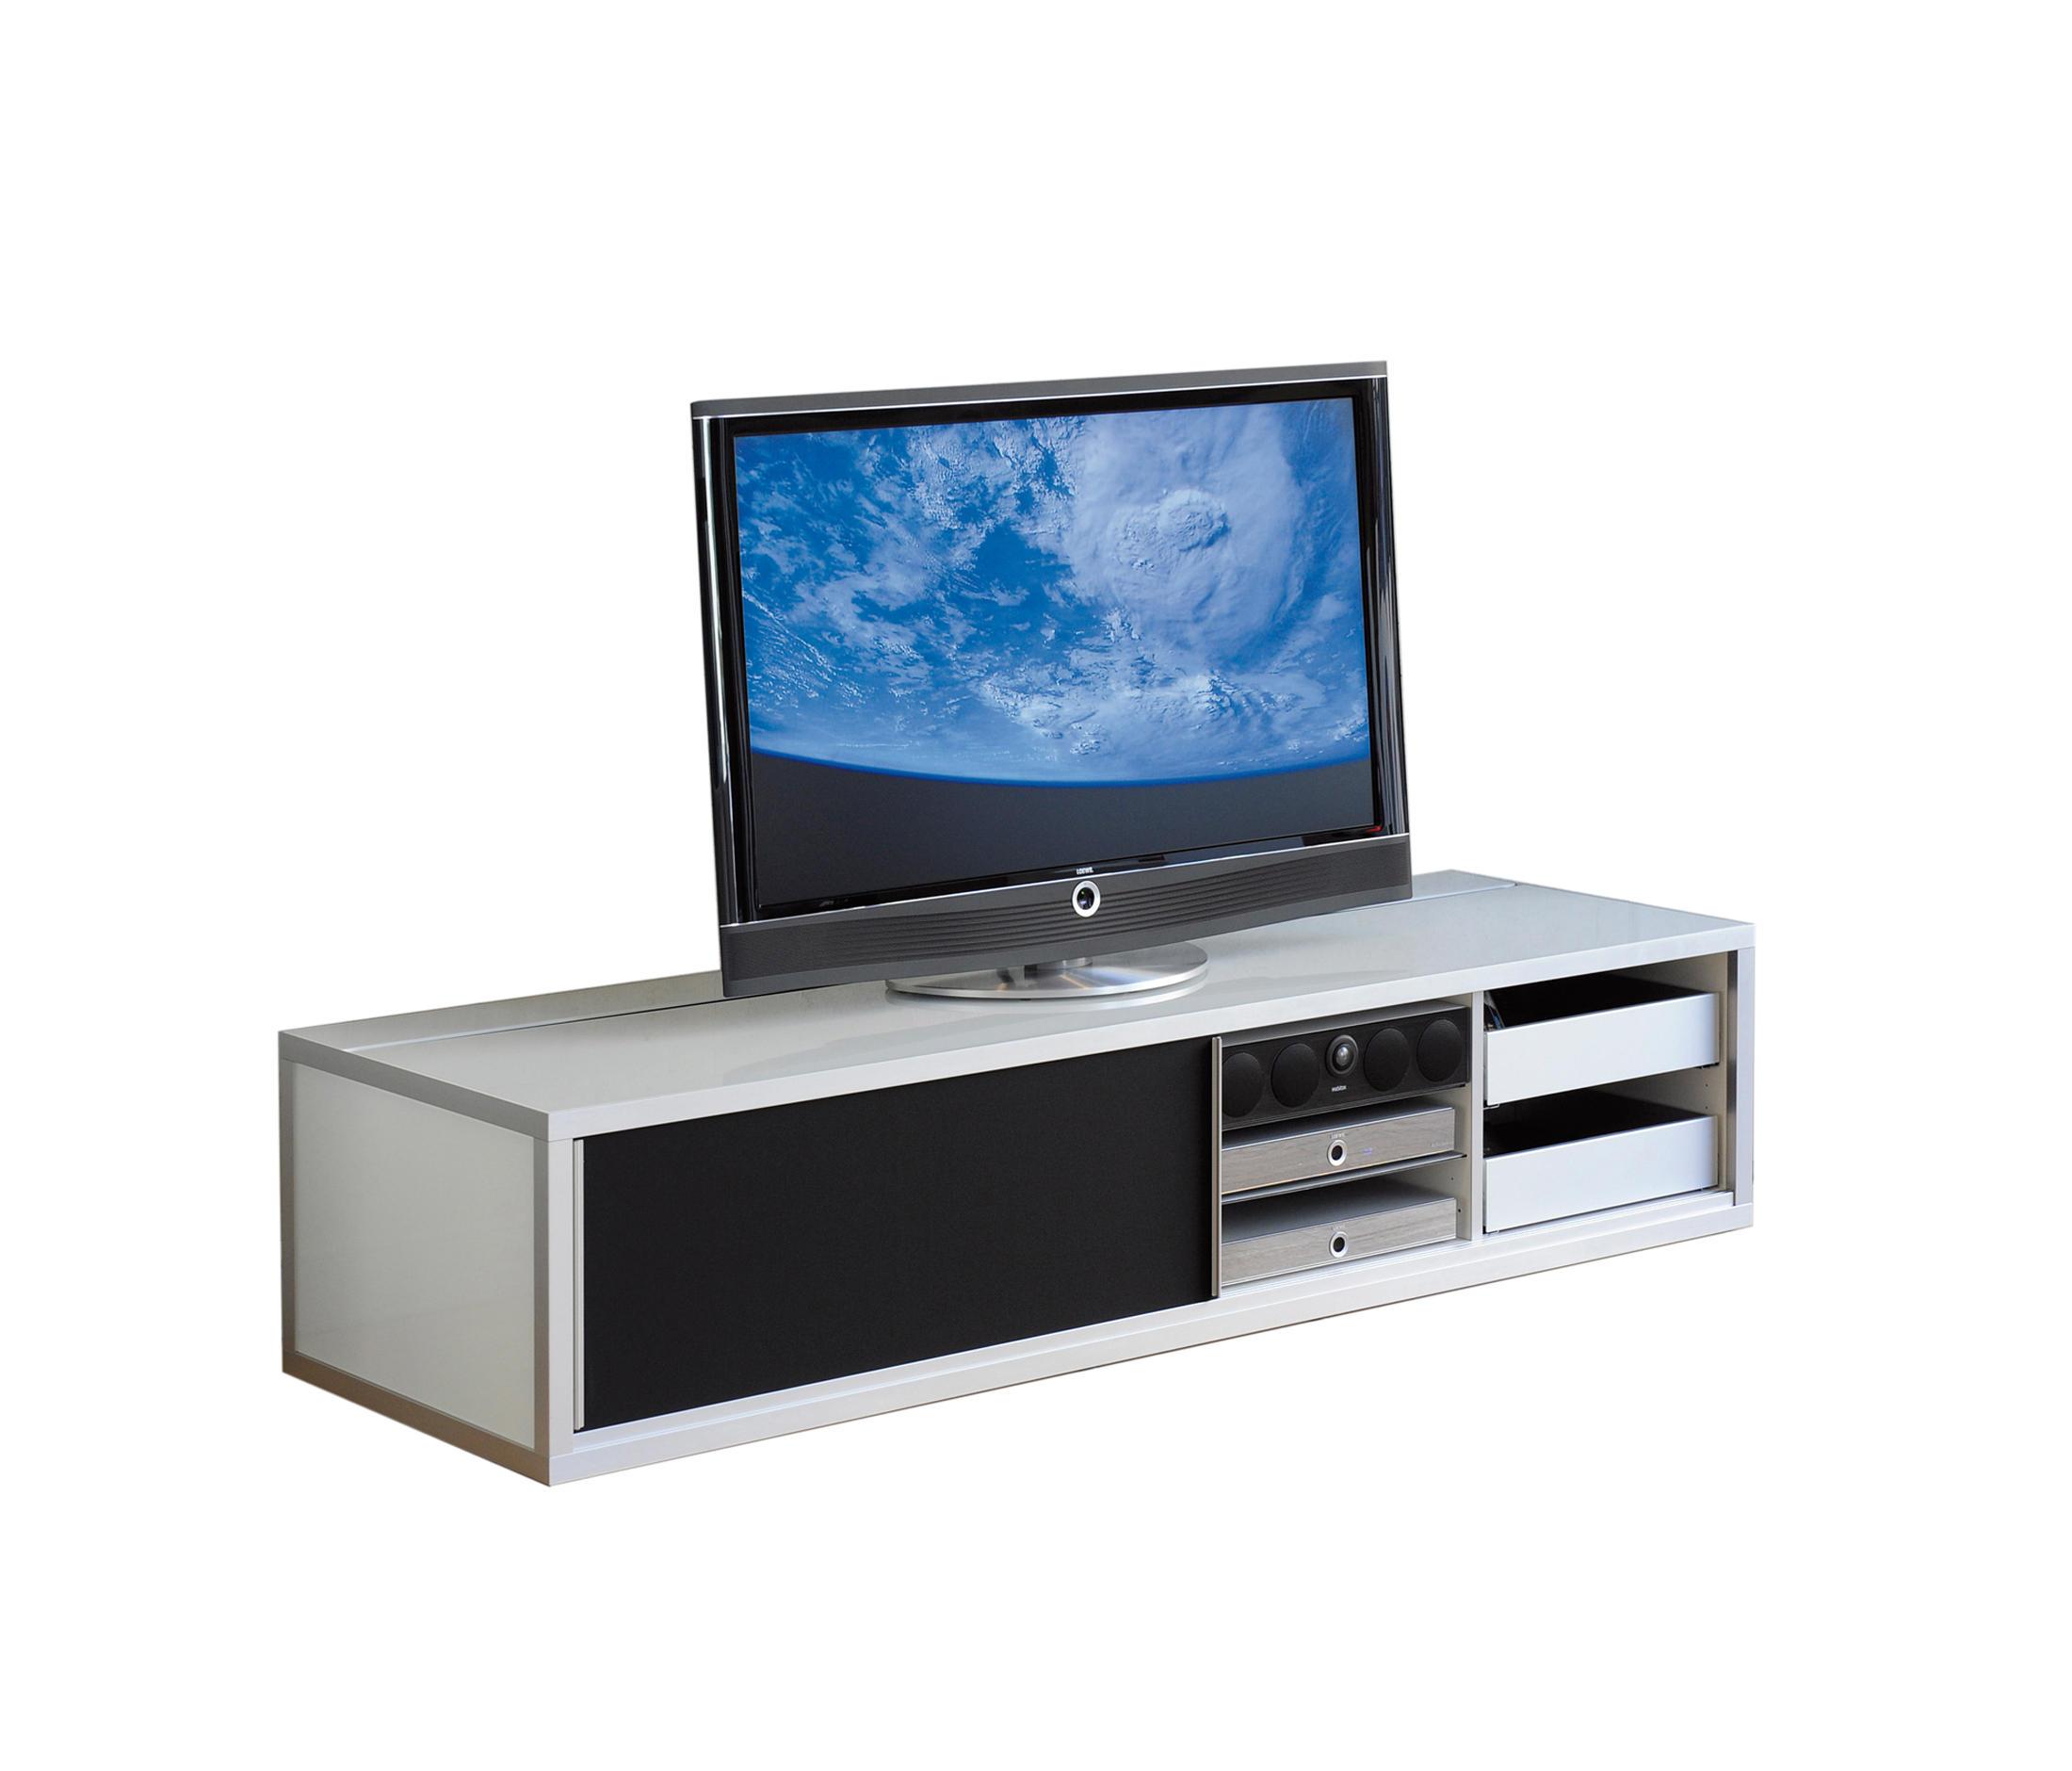 mediam bel multimedia sideboards from cham leon design. Black Bedroom Furniture Sets. Home Design Ideas